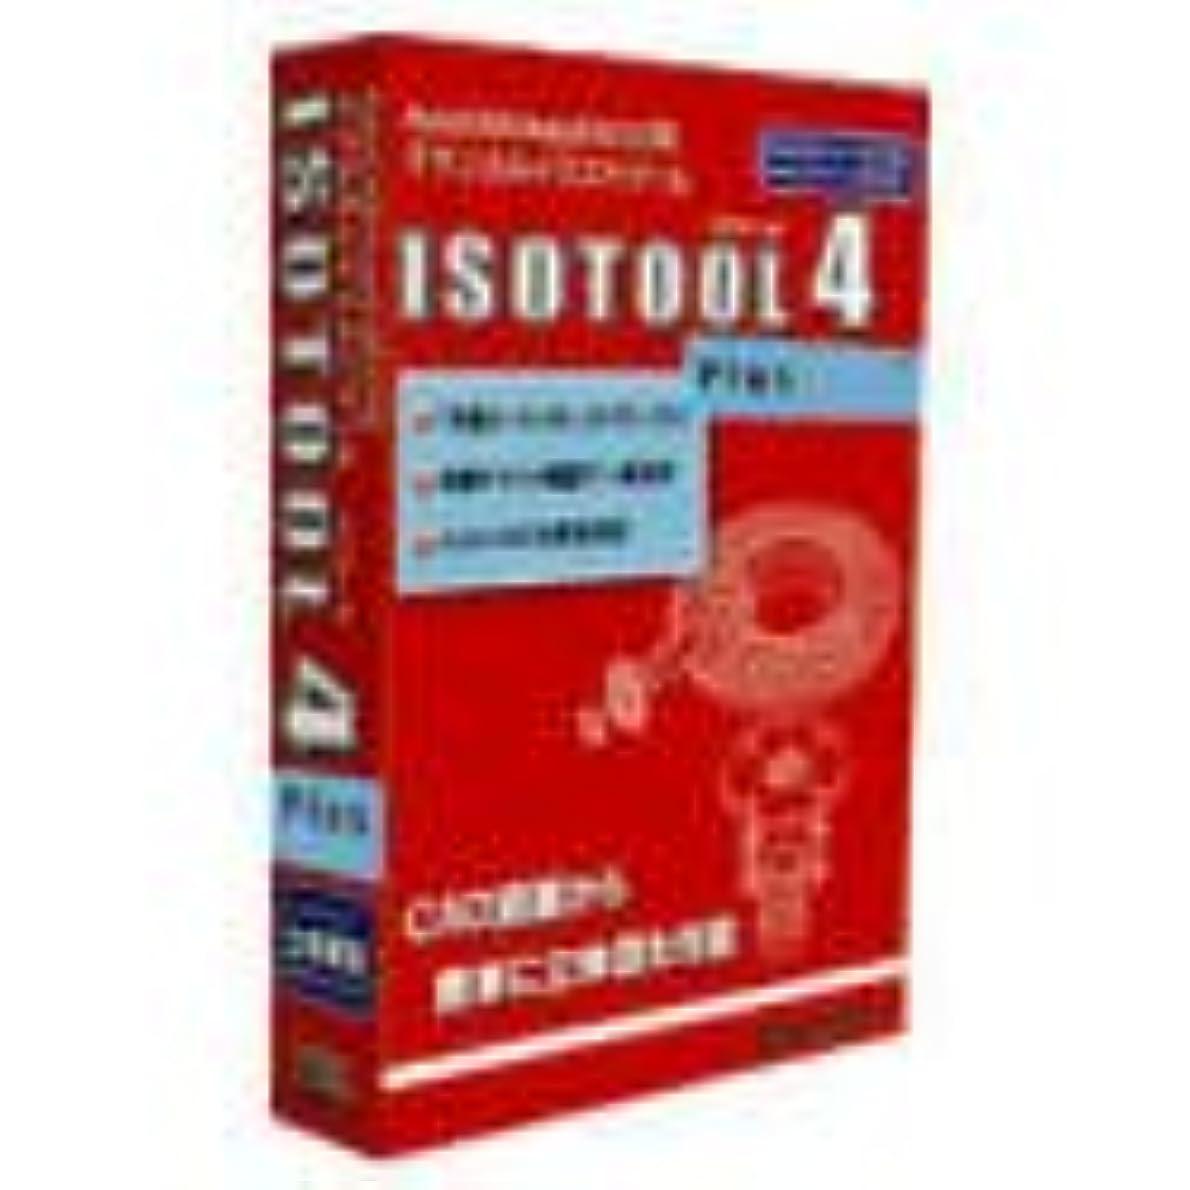 ソーセージエステートピービッシュISOTool 4 Plus